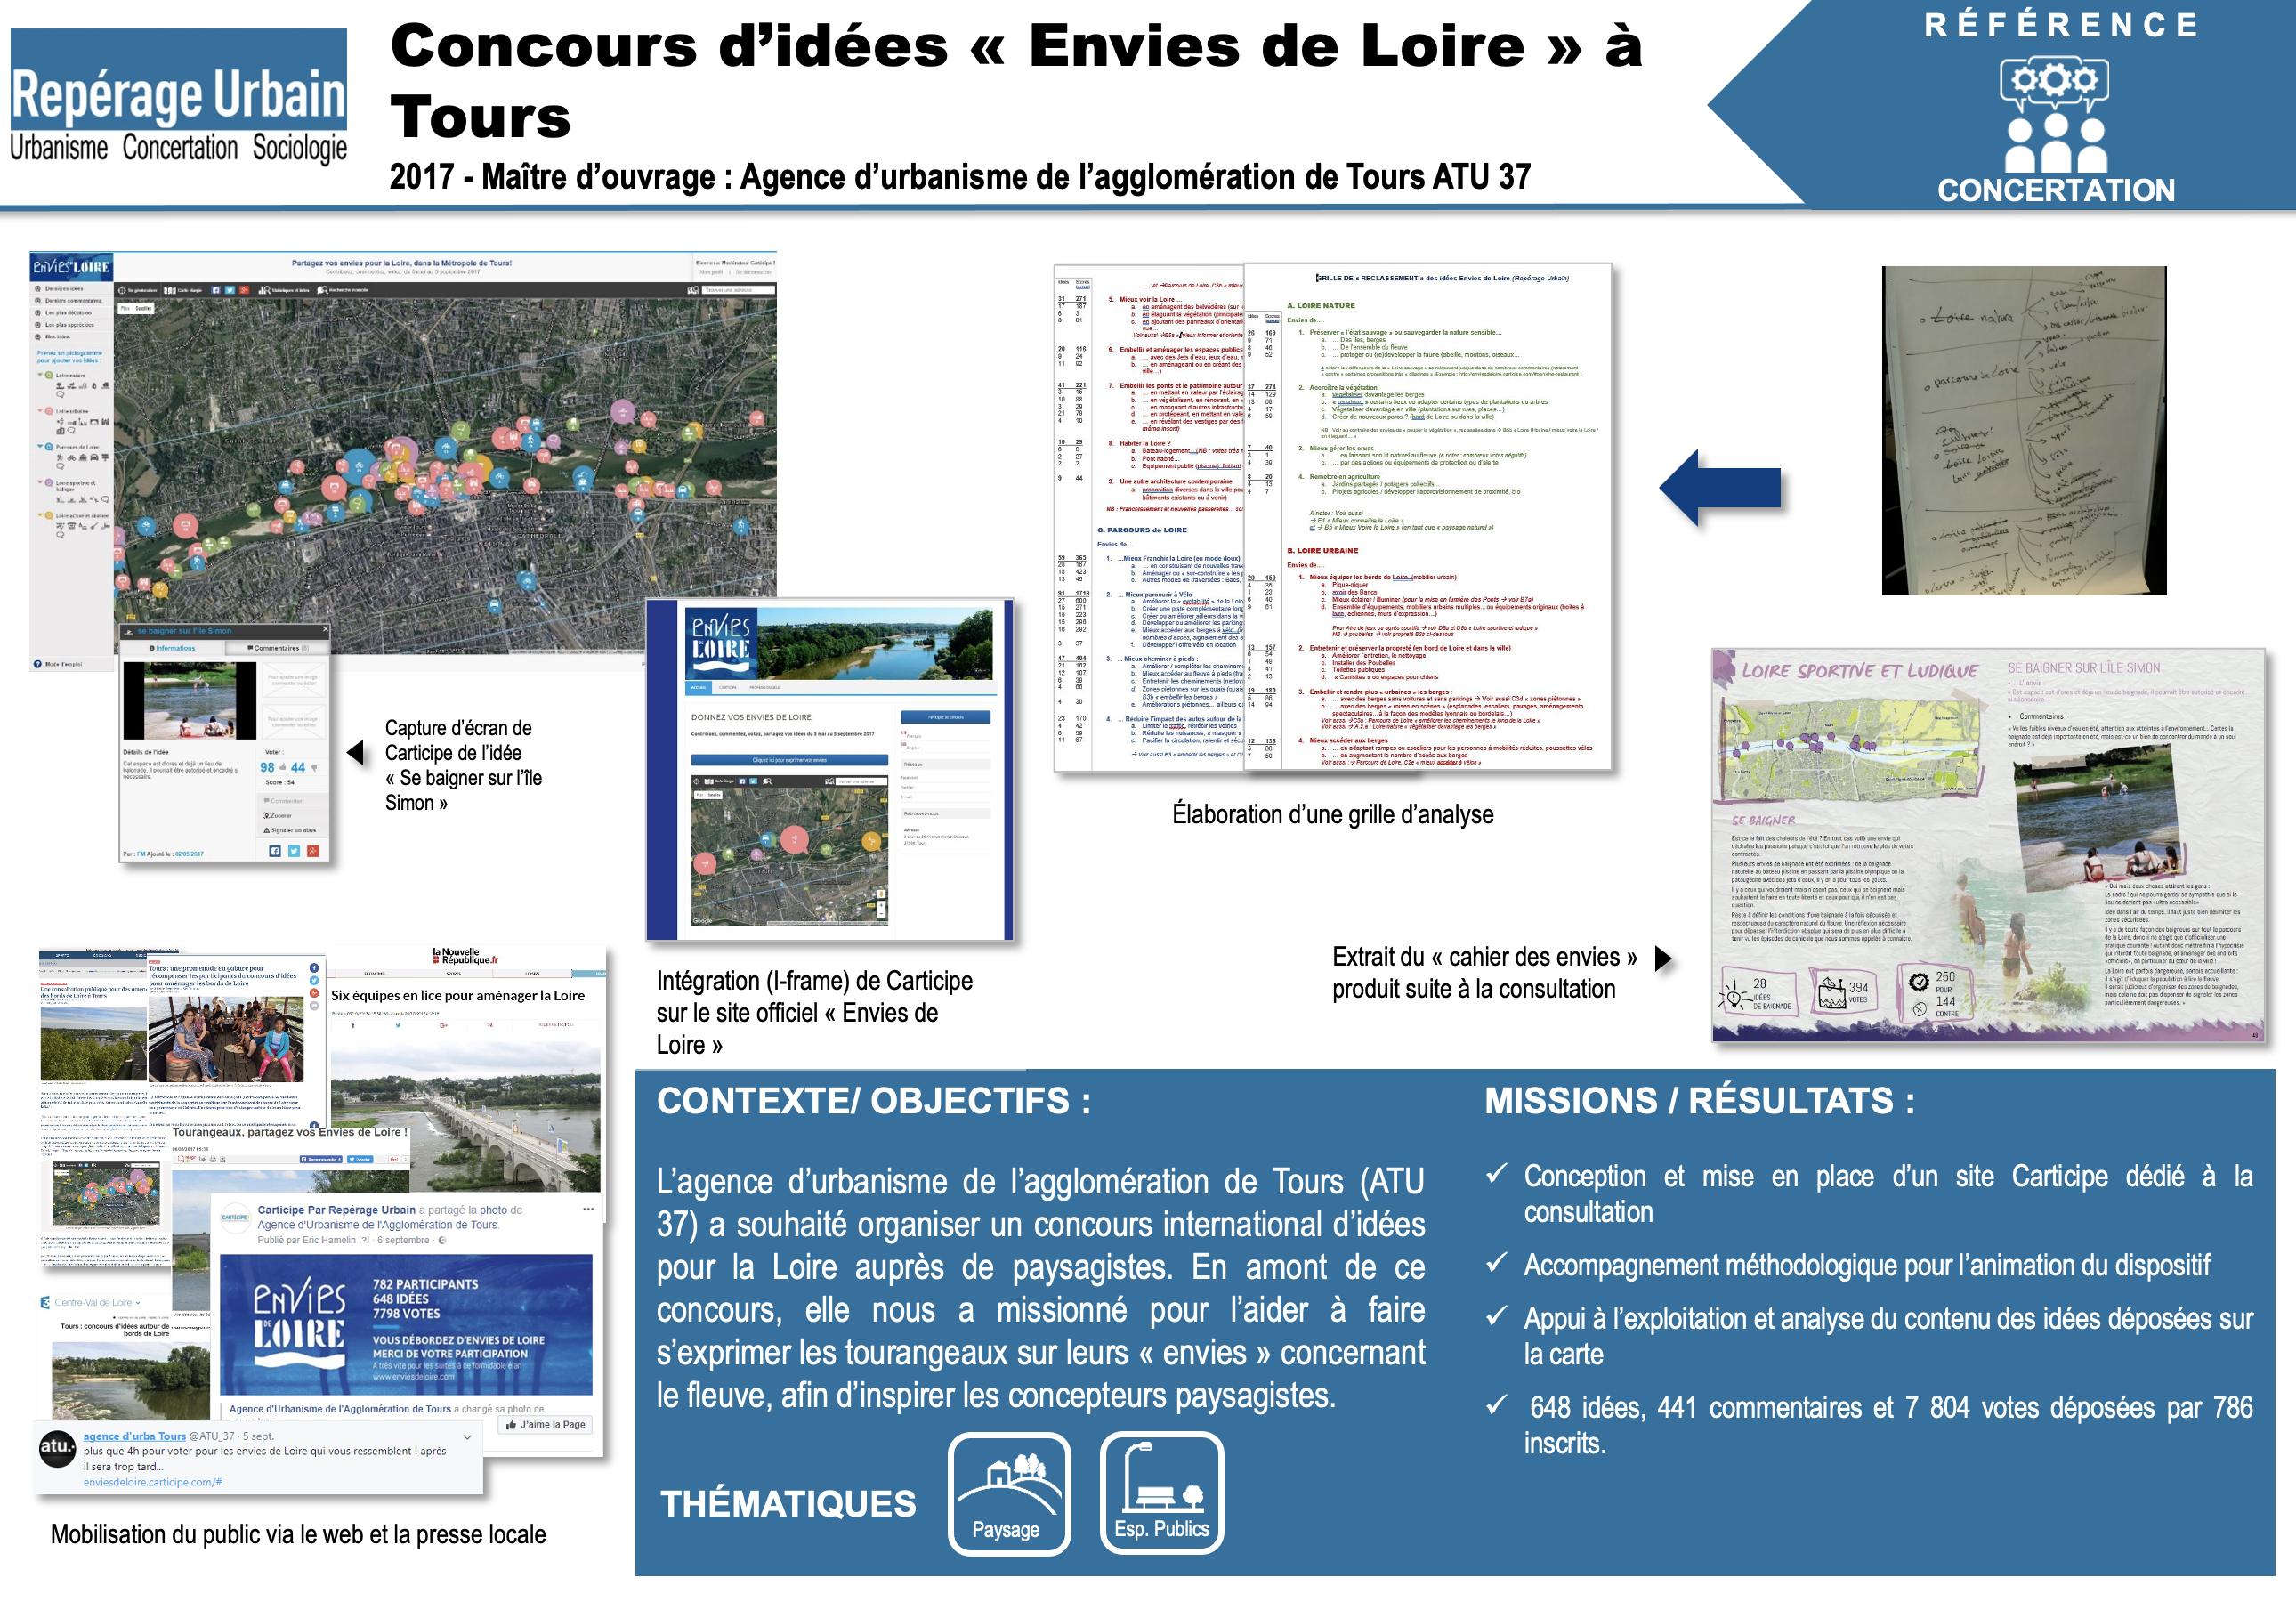 2017 -  Envies de Loire